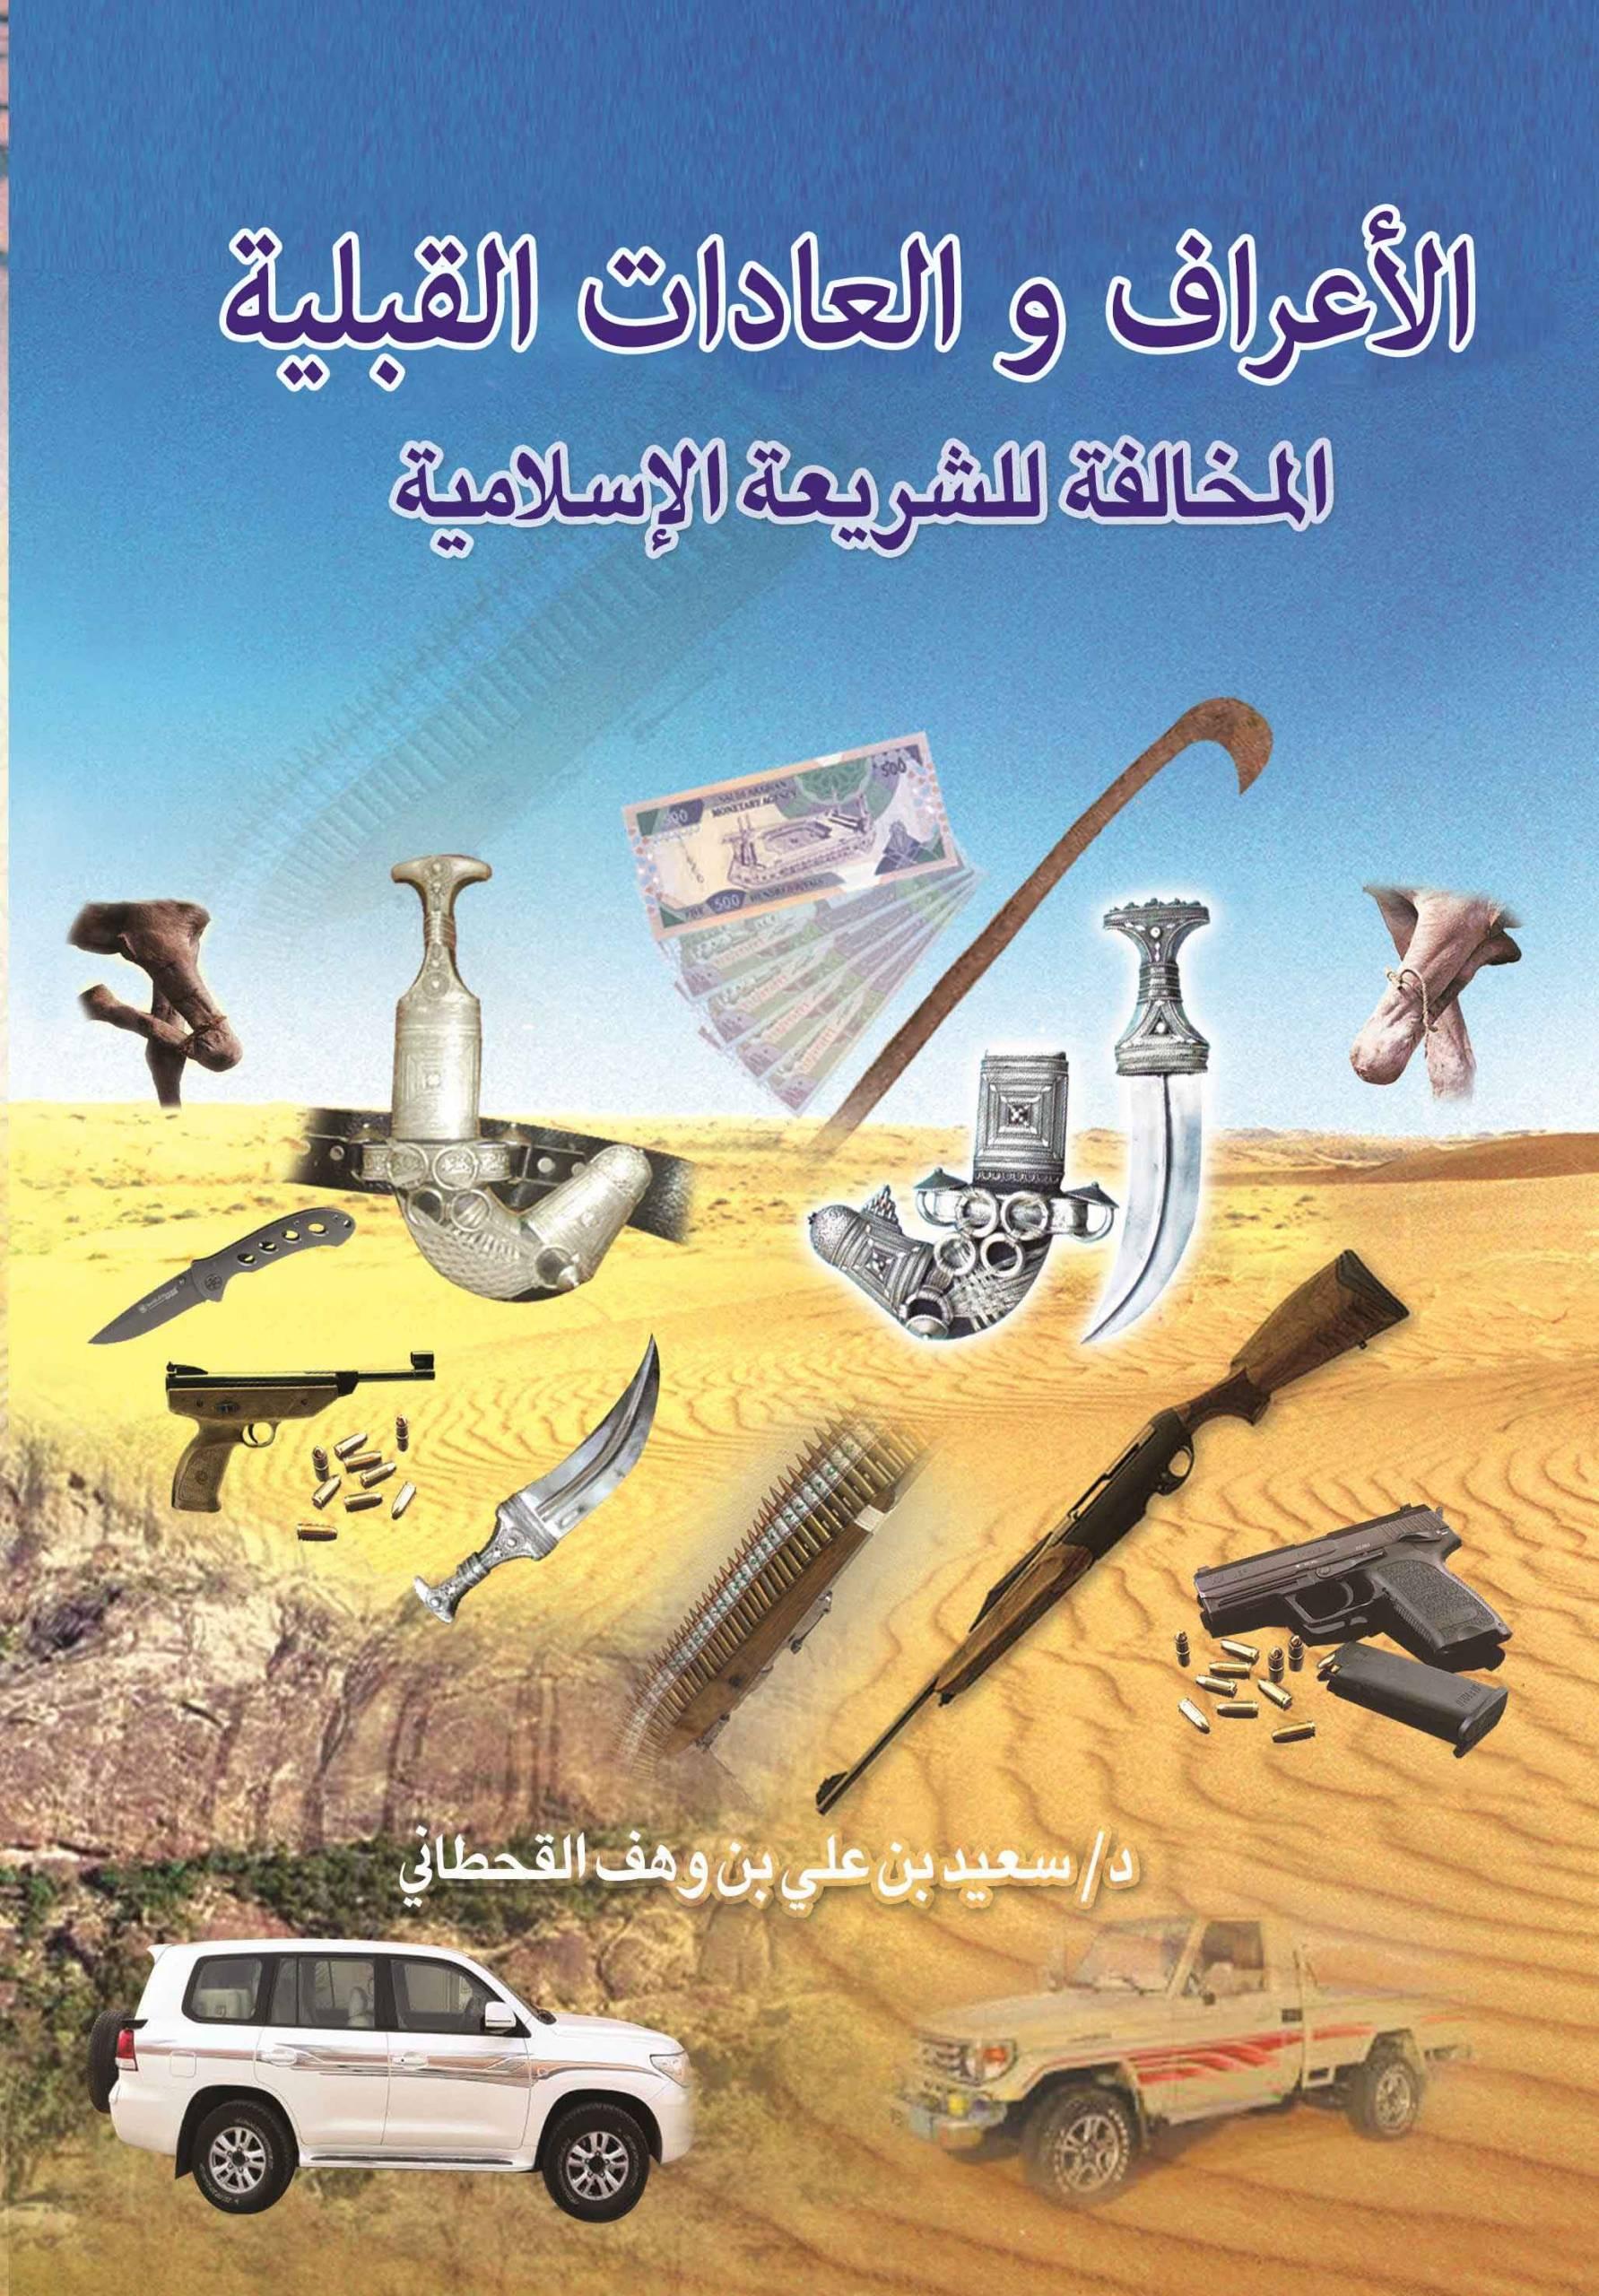 الأعراف و العادات القبلية المخالفة للشريعة الاسلامية